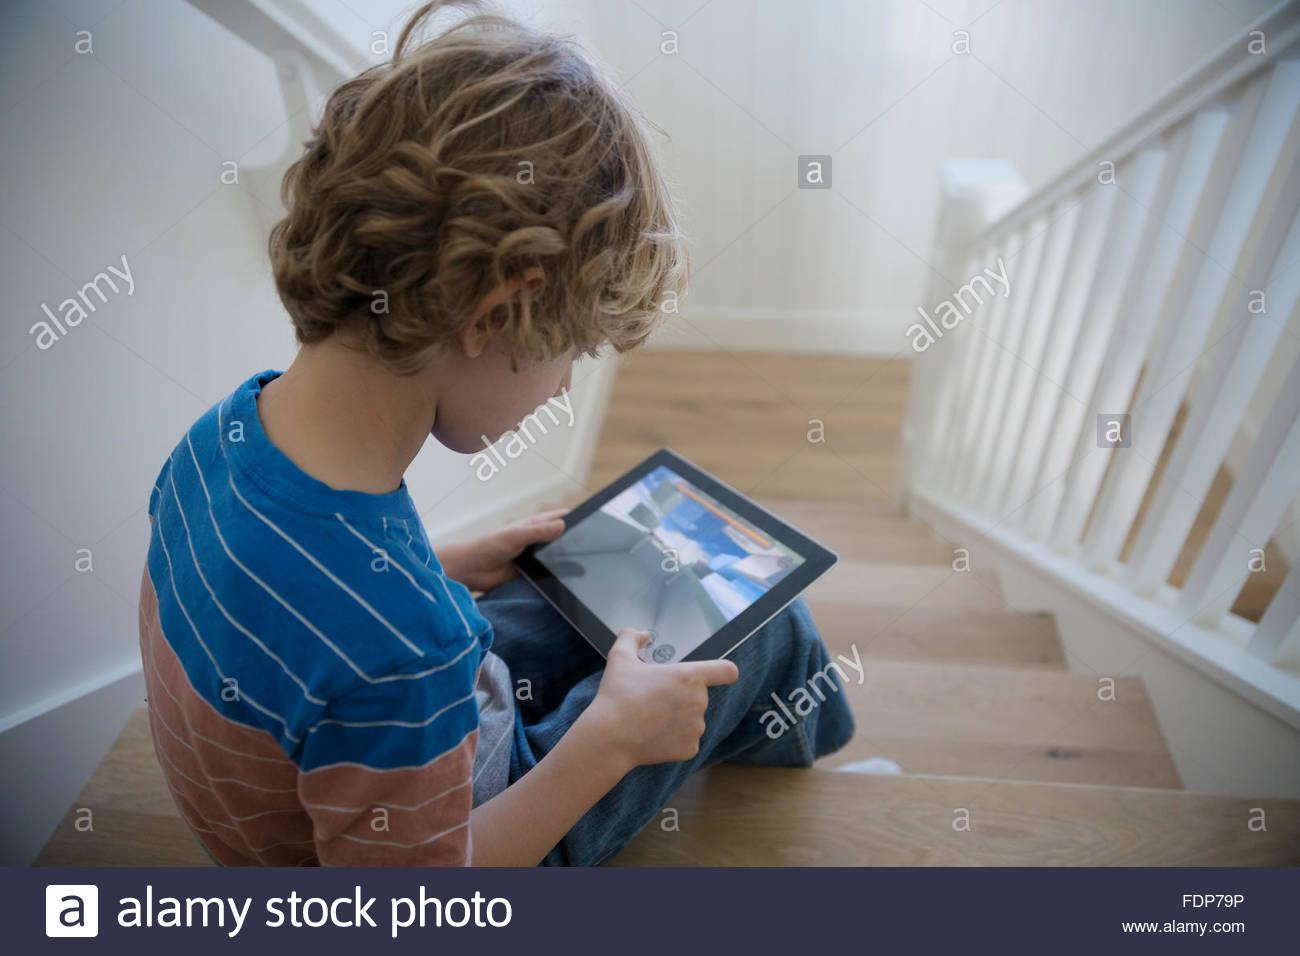 Ragazzo con tavoletta digitale seduti sulla scalinata Immagini Stock